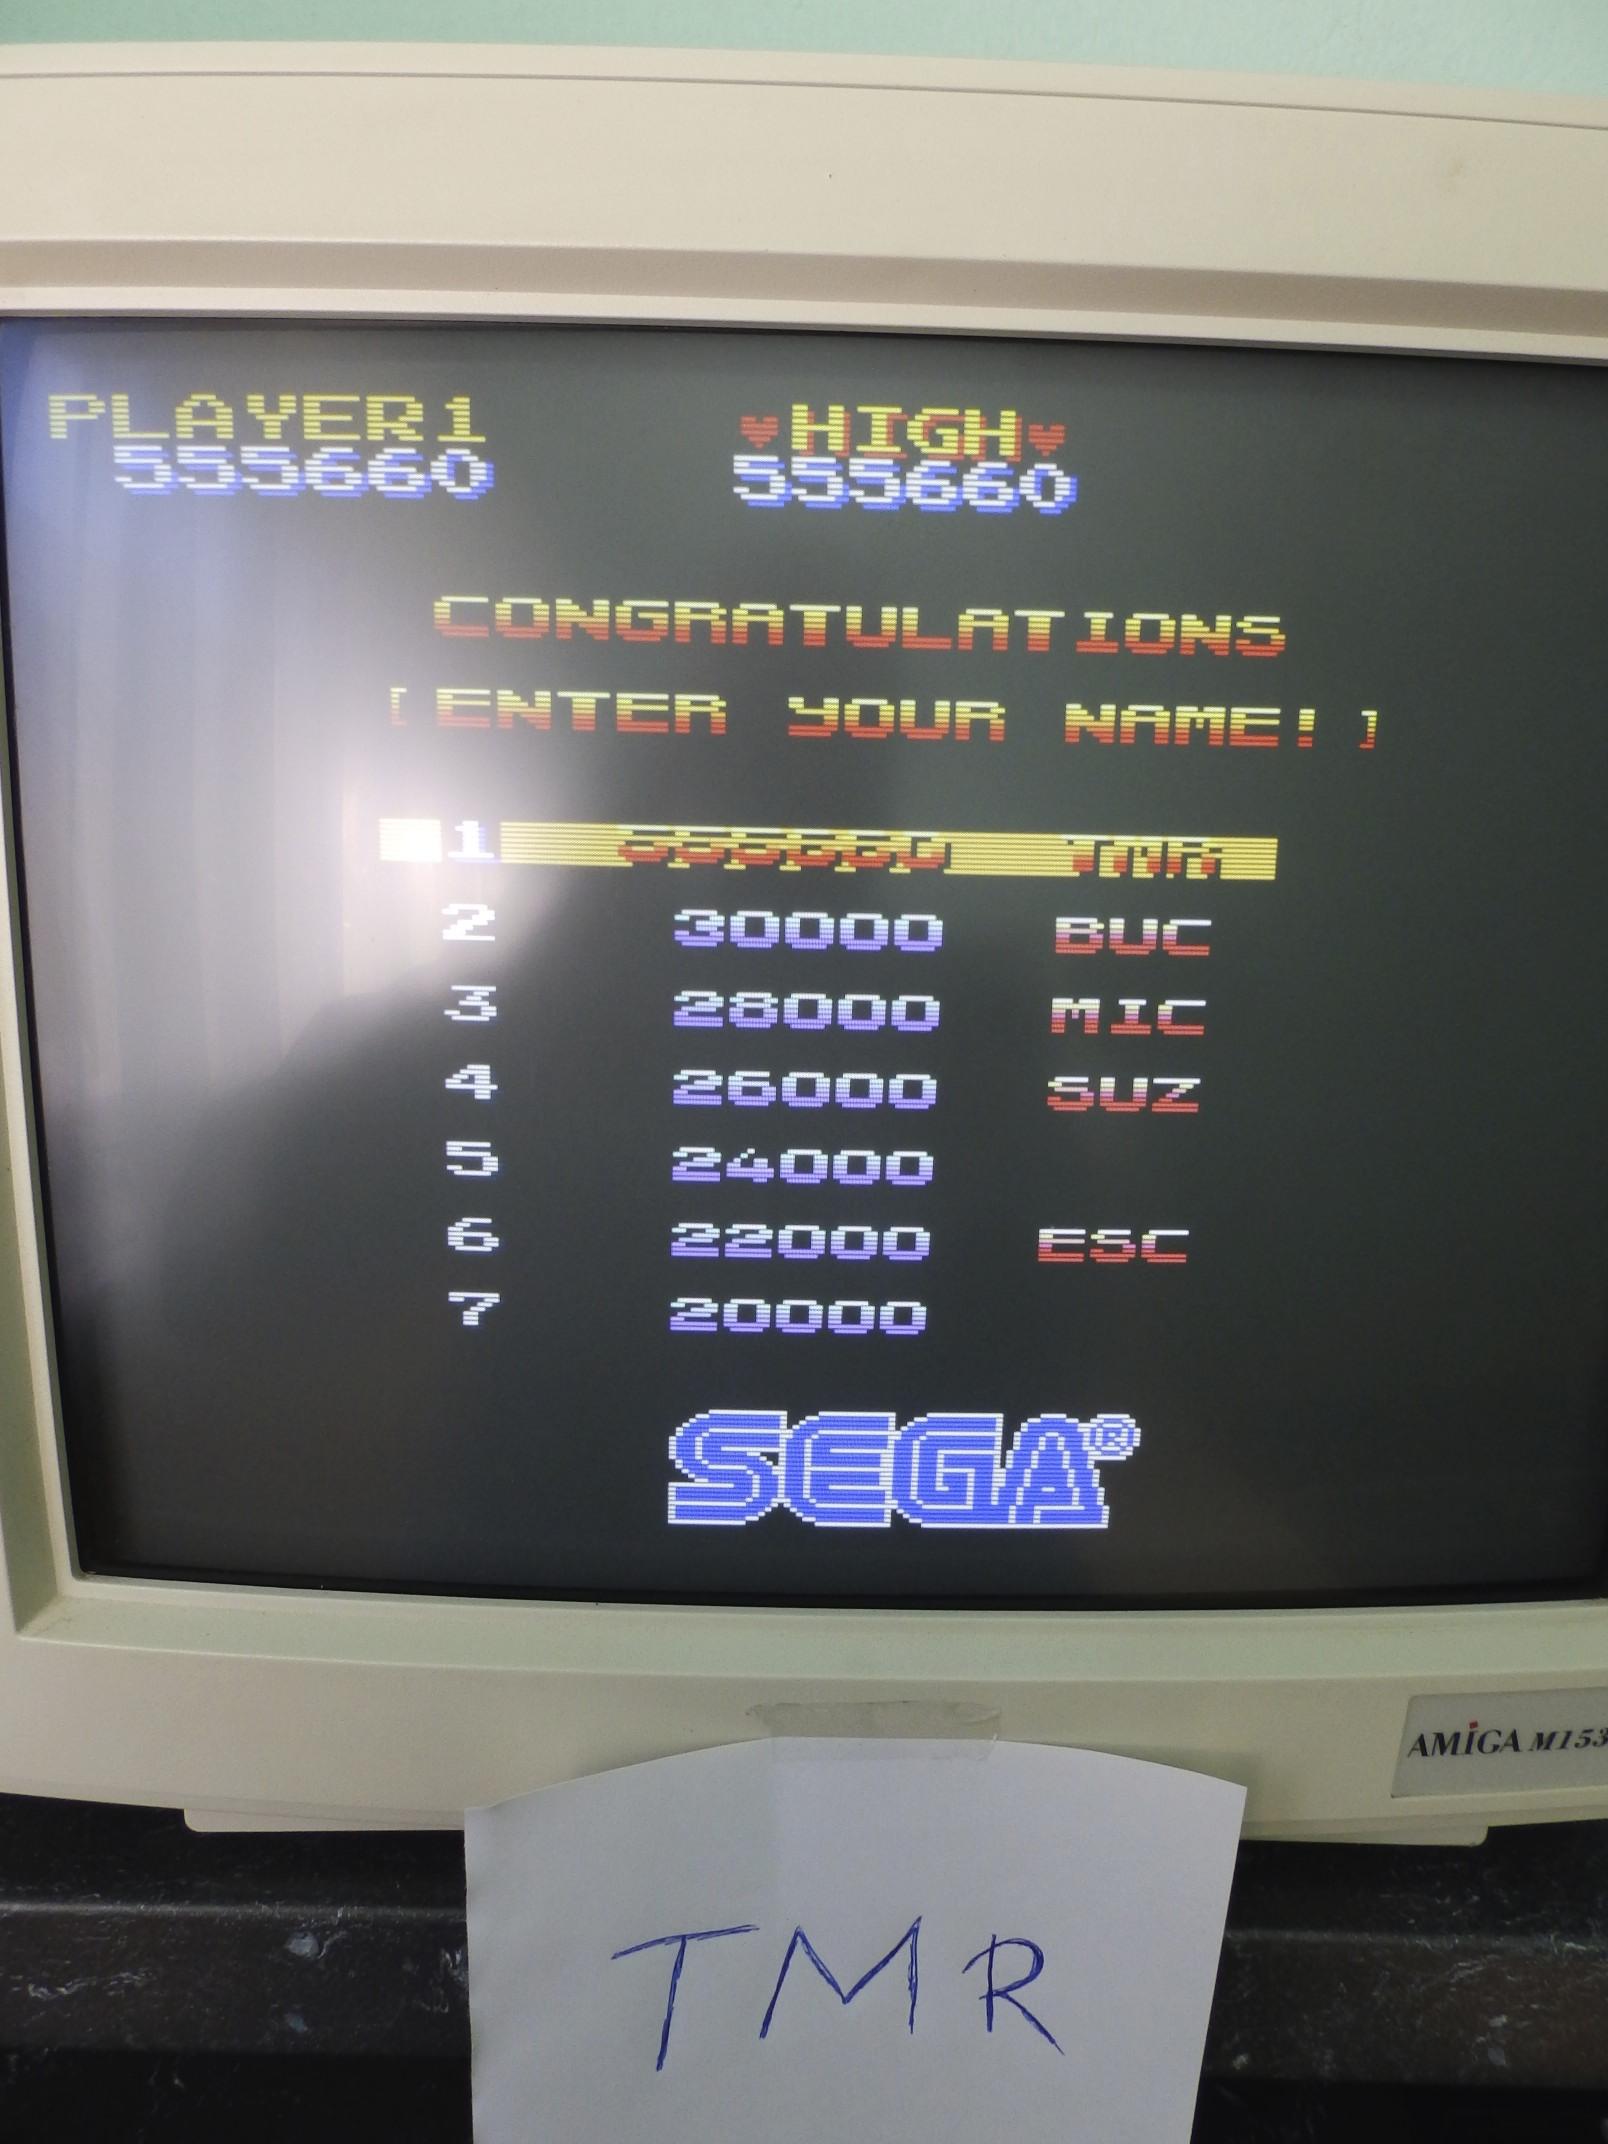 Wonder Boy 555,660 points